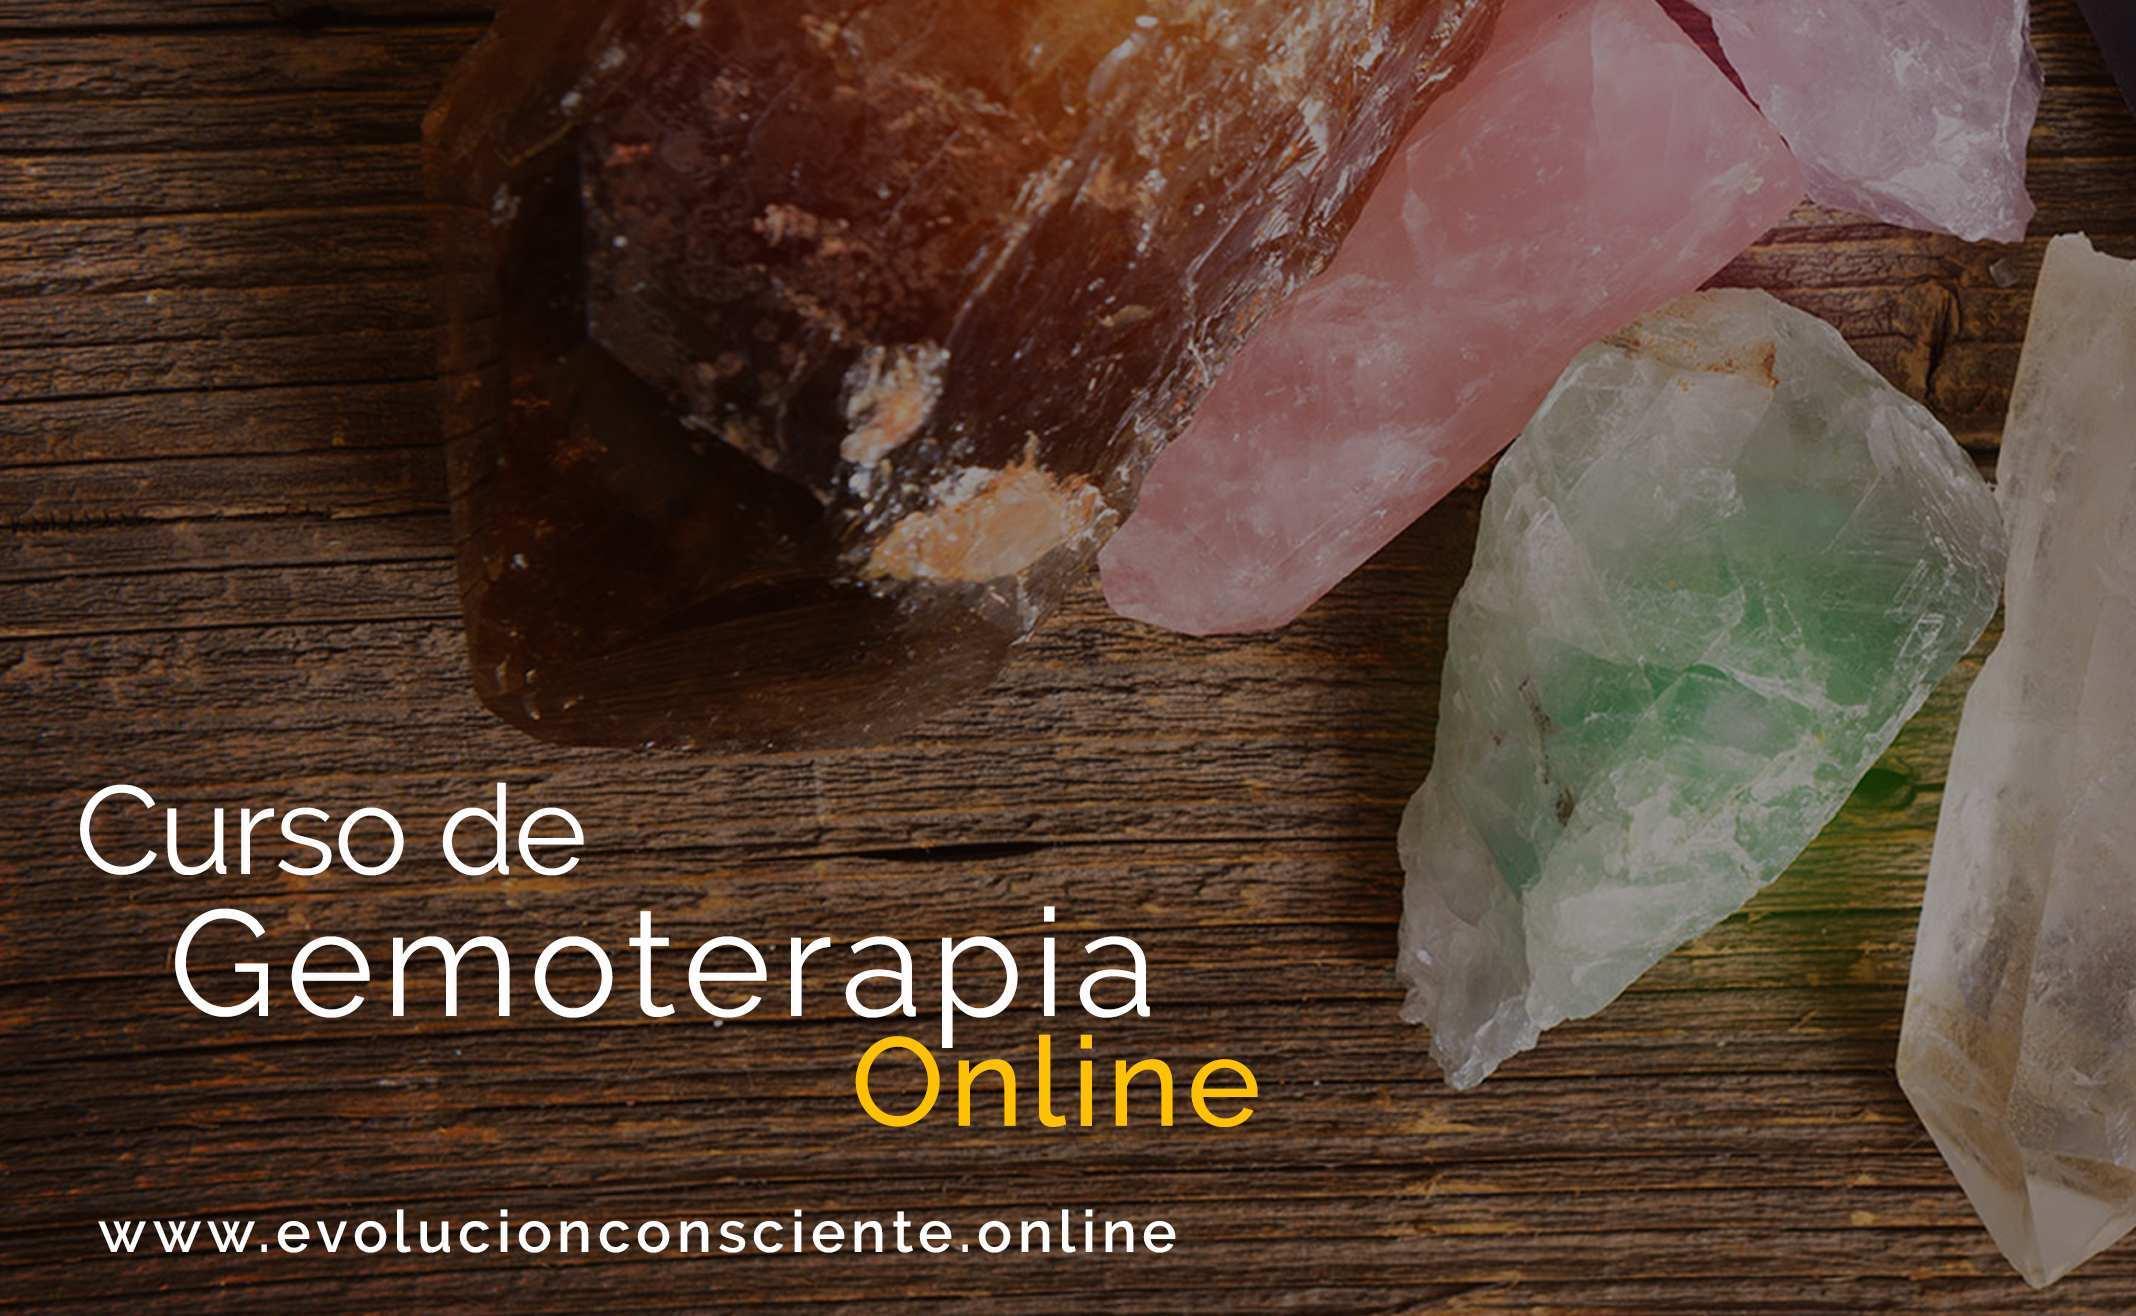 Cursos Online Gemoterapia